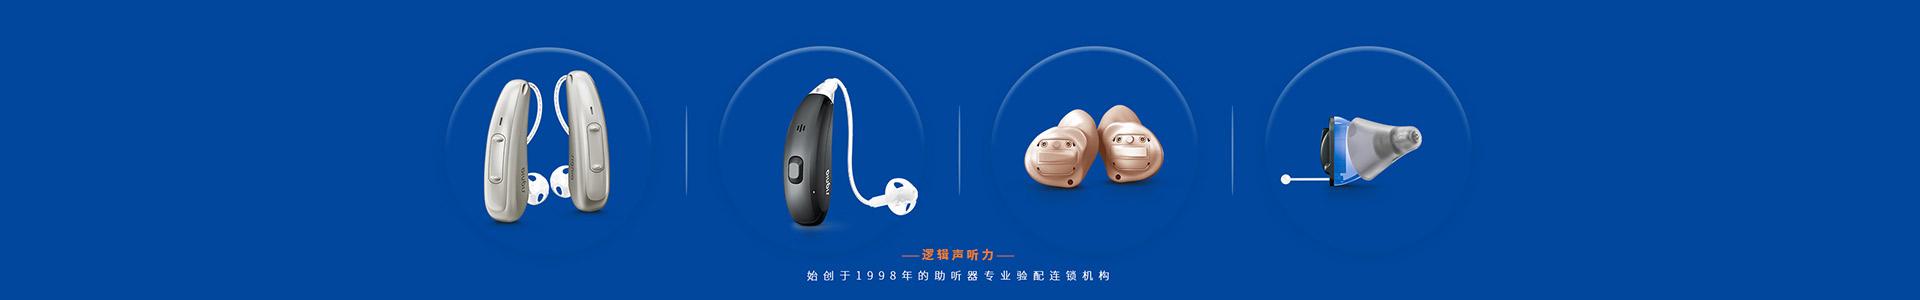 重庆助听器